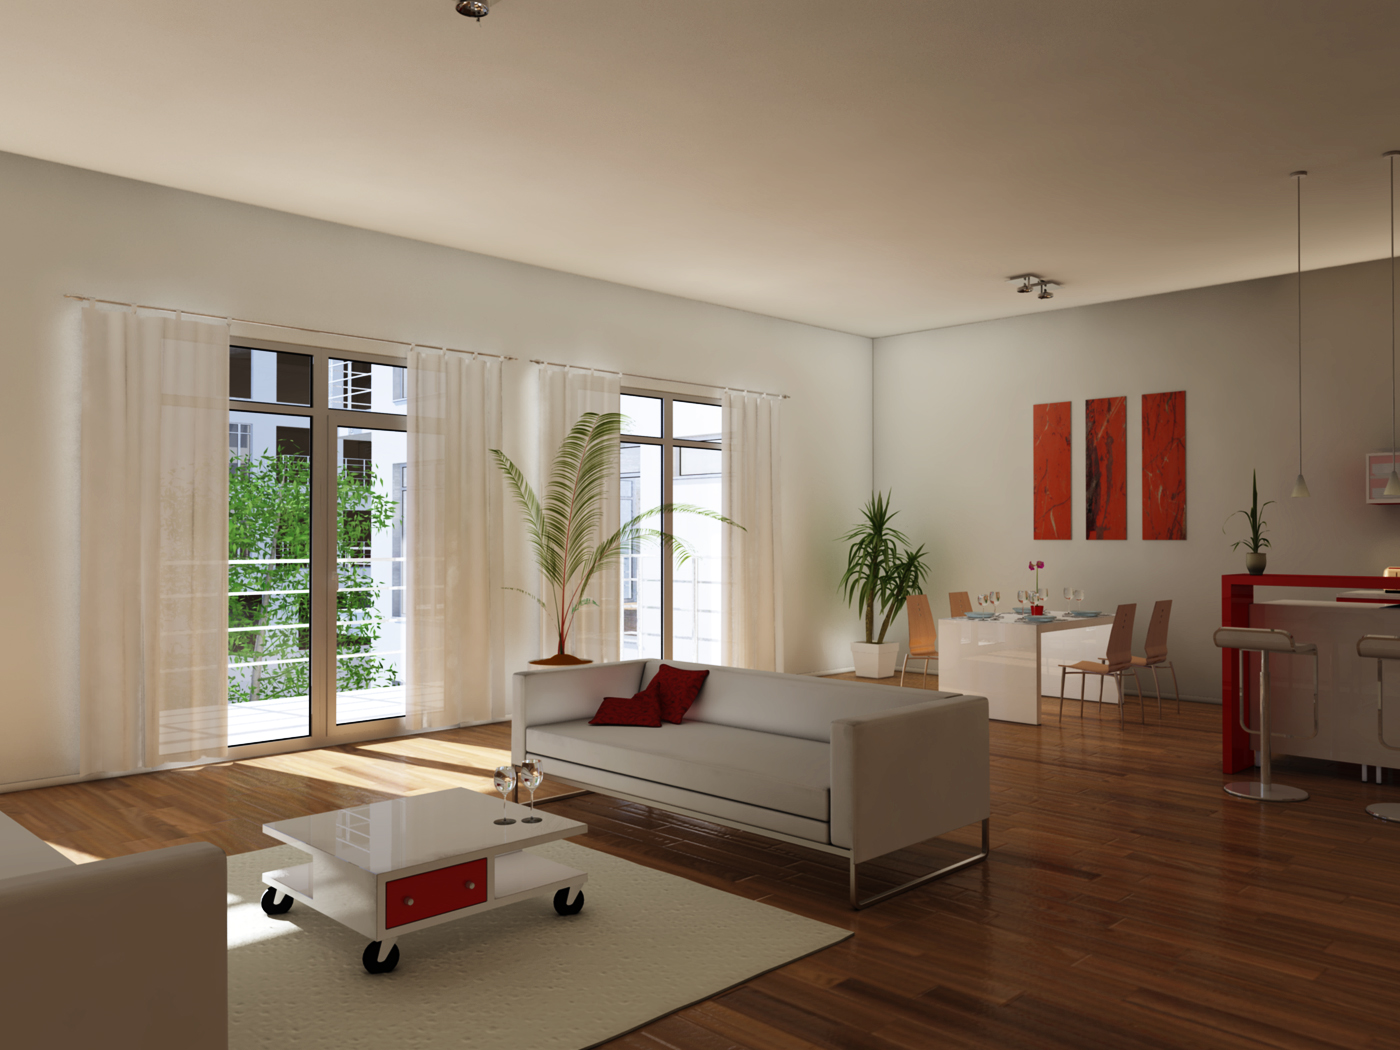 Visualisierung Wohnzimmer FX Design